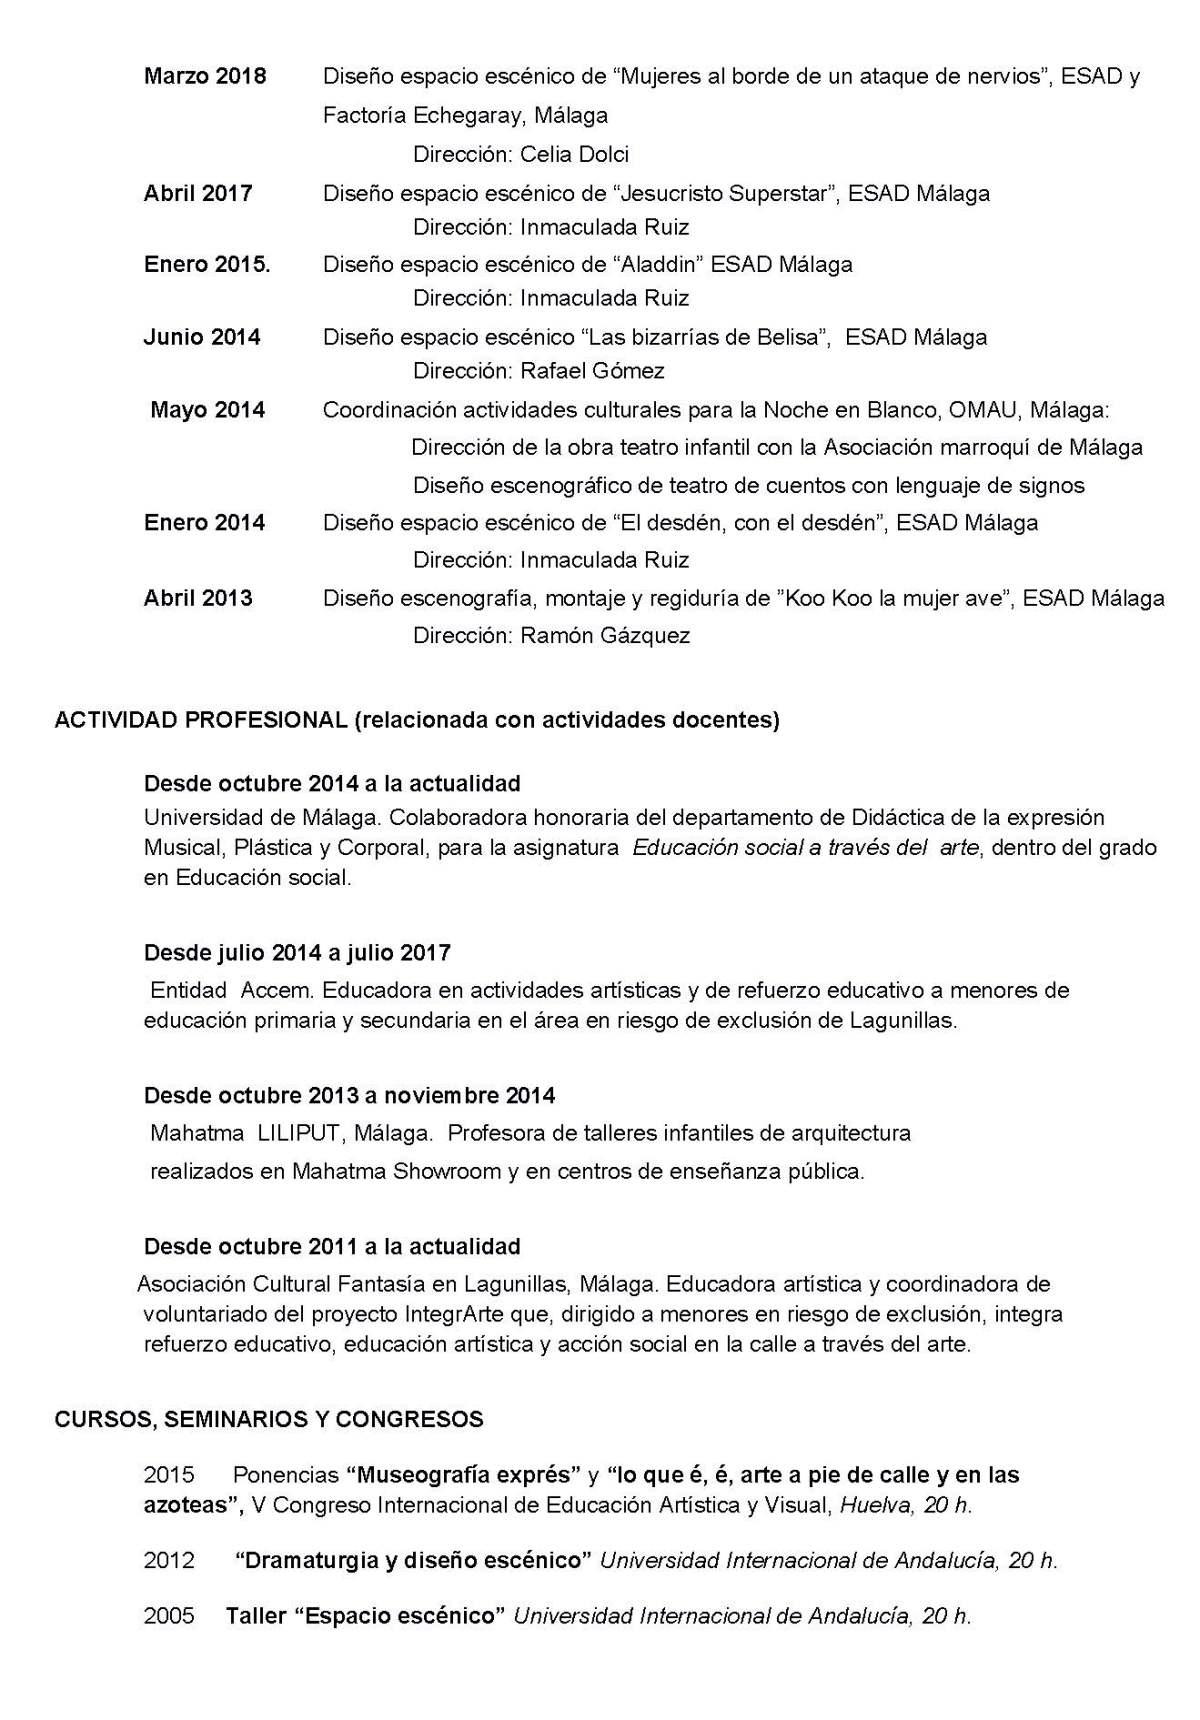 web_Biografía profesional_Página_2